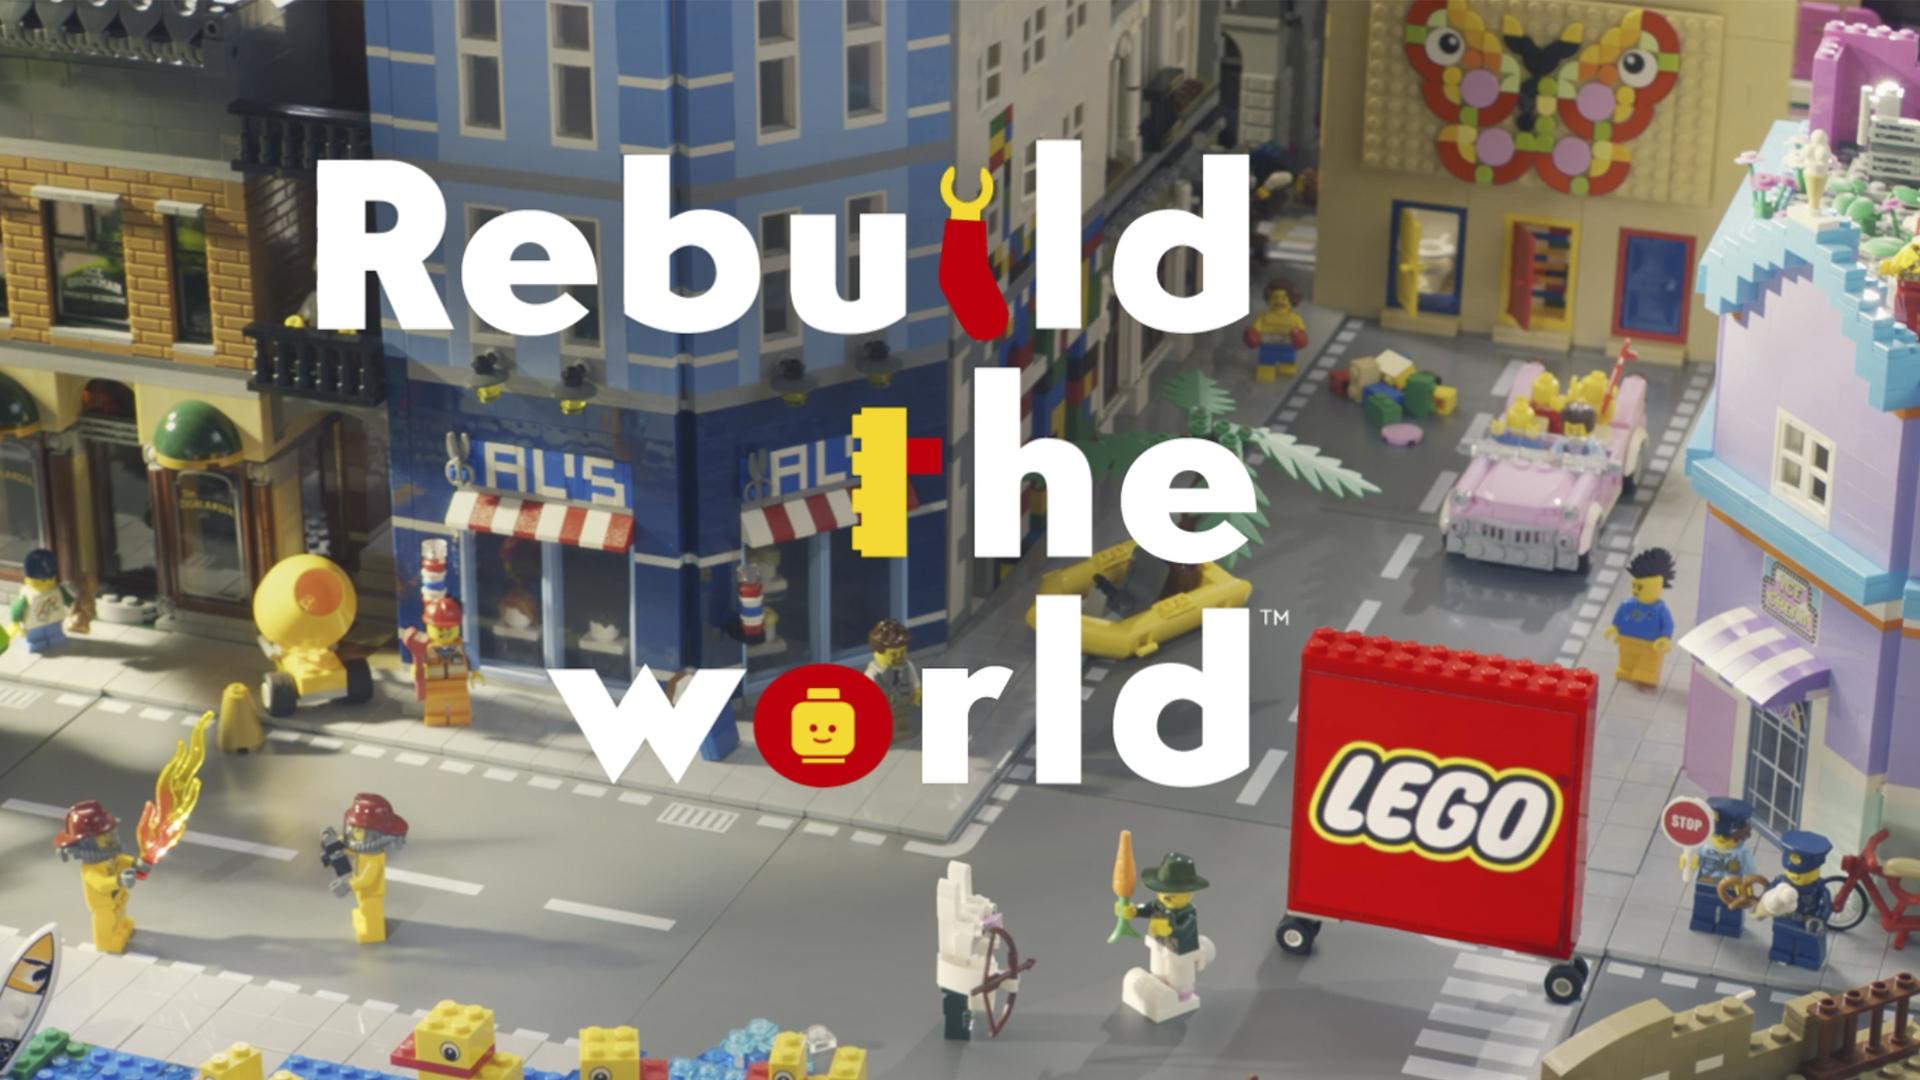 Mira el mundo a través de las creaciones LEGO® de los niños - LEGO.com ES